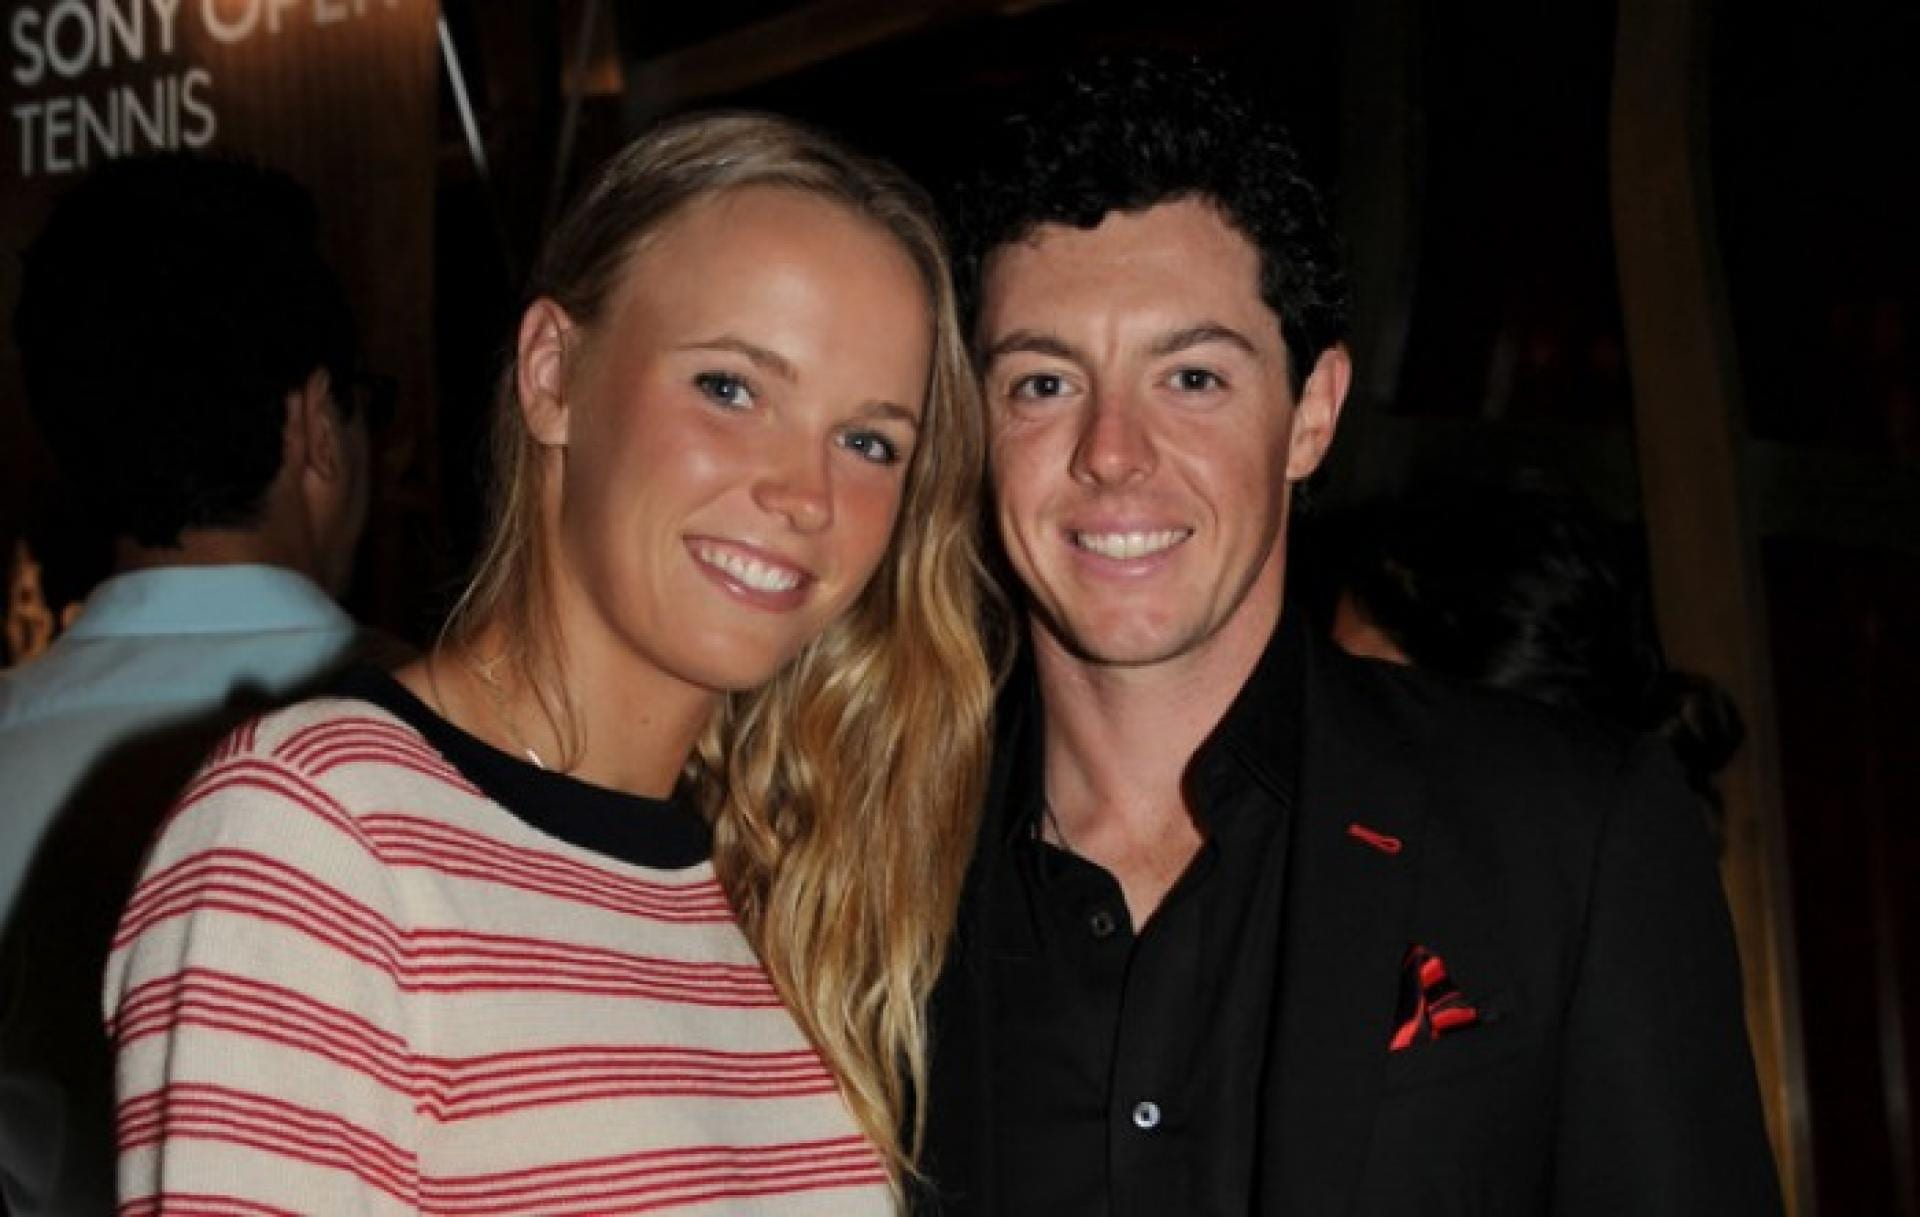 Rory McIlroy Break Up